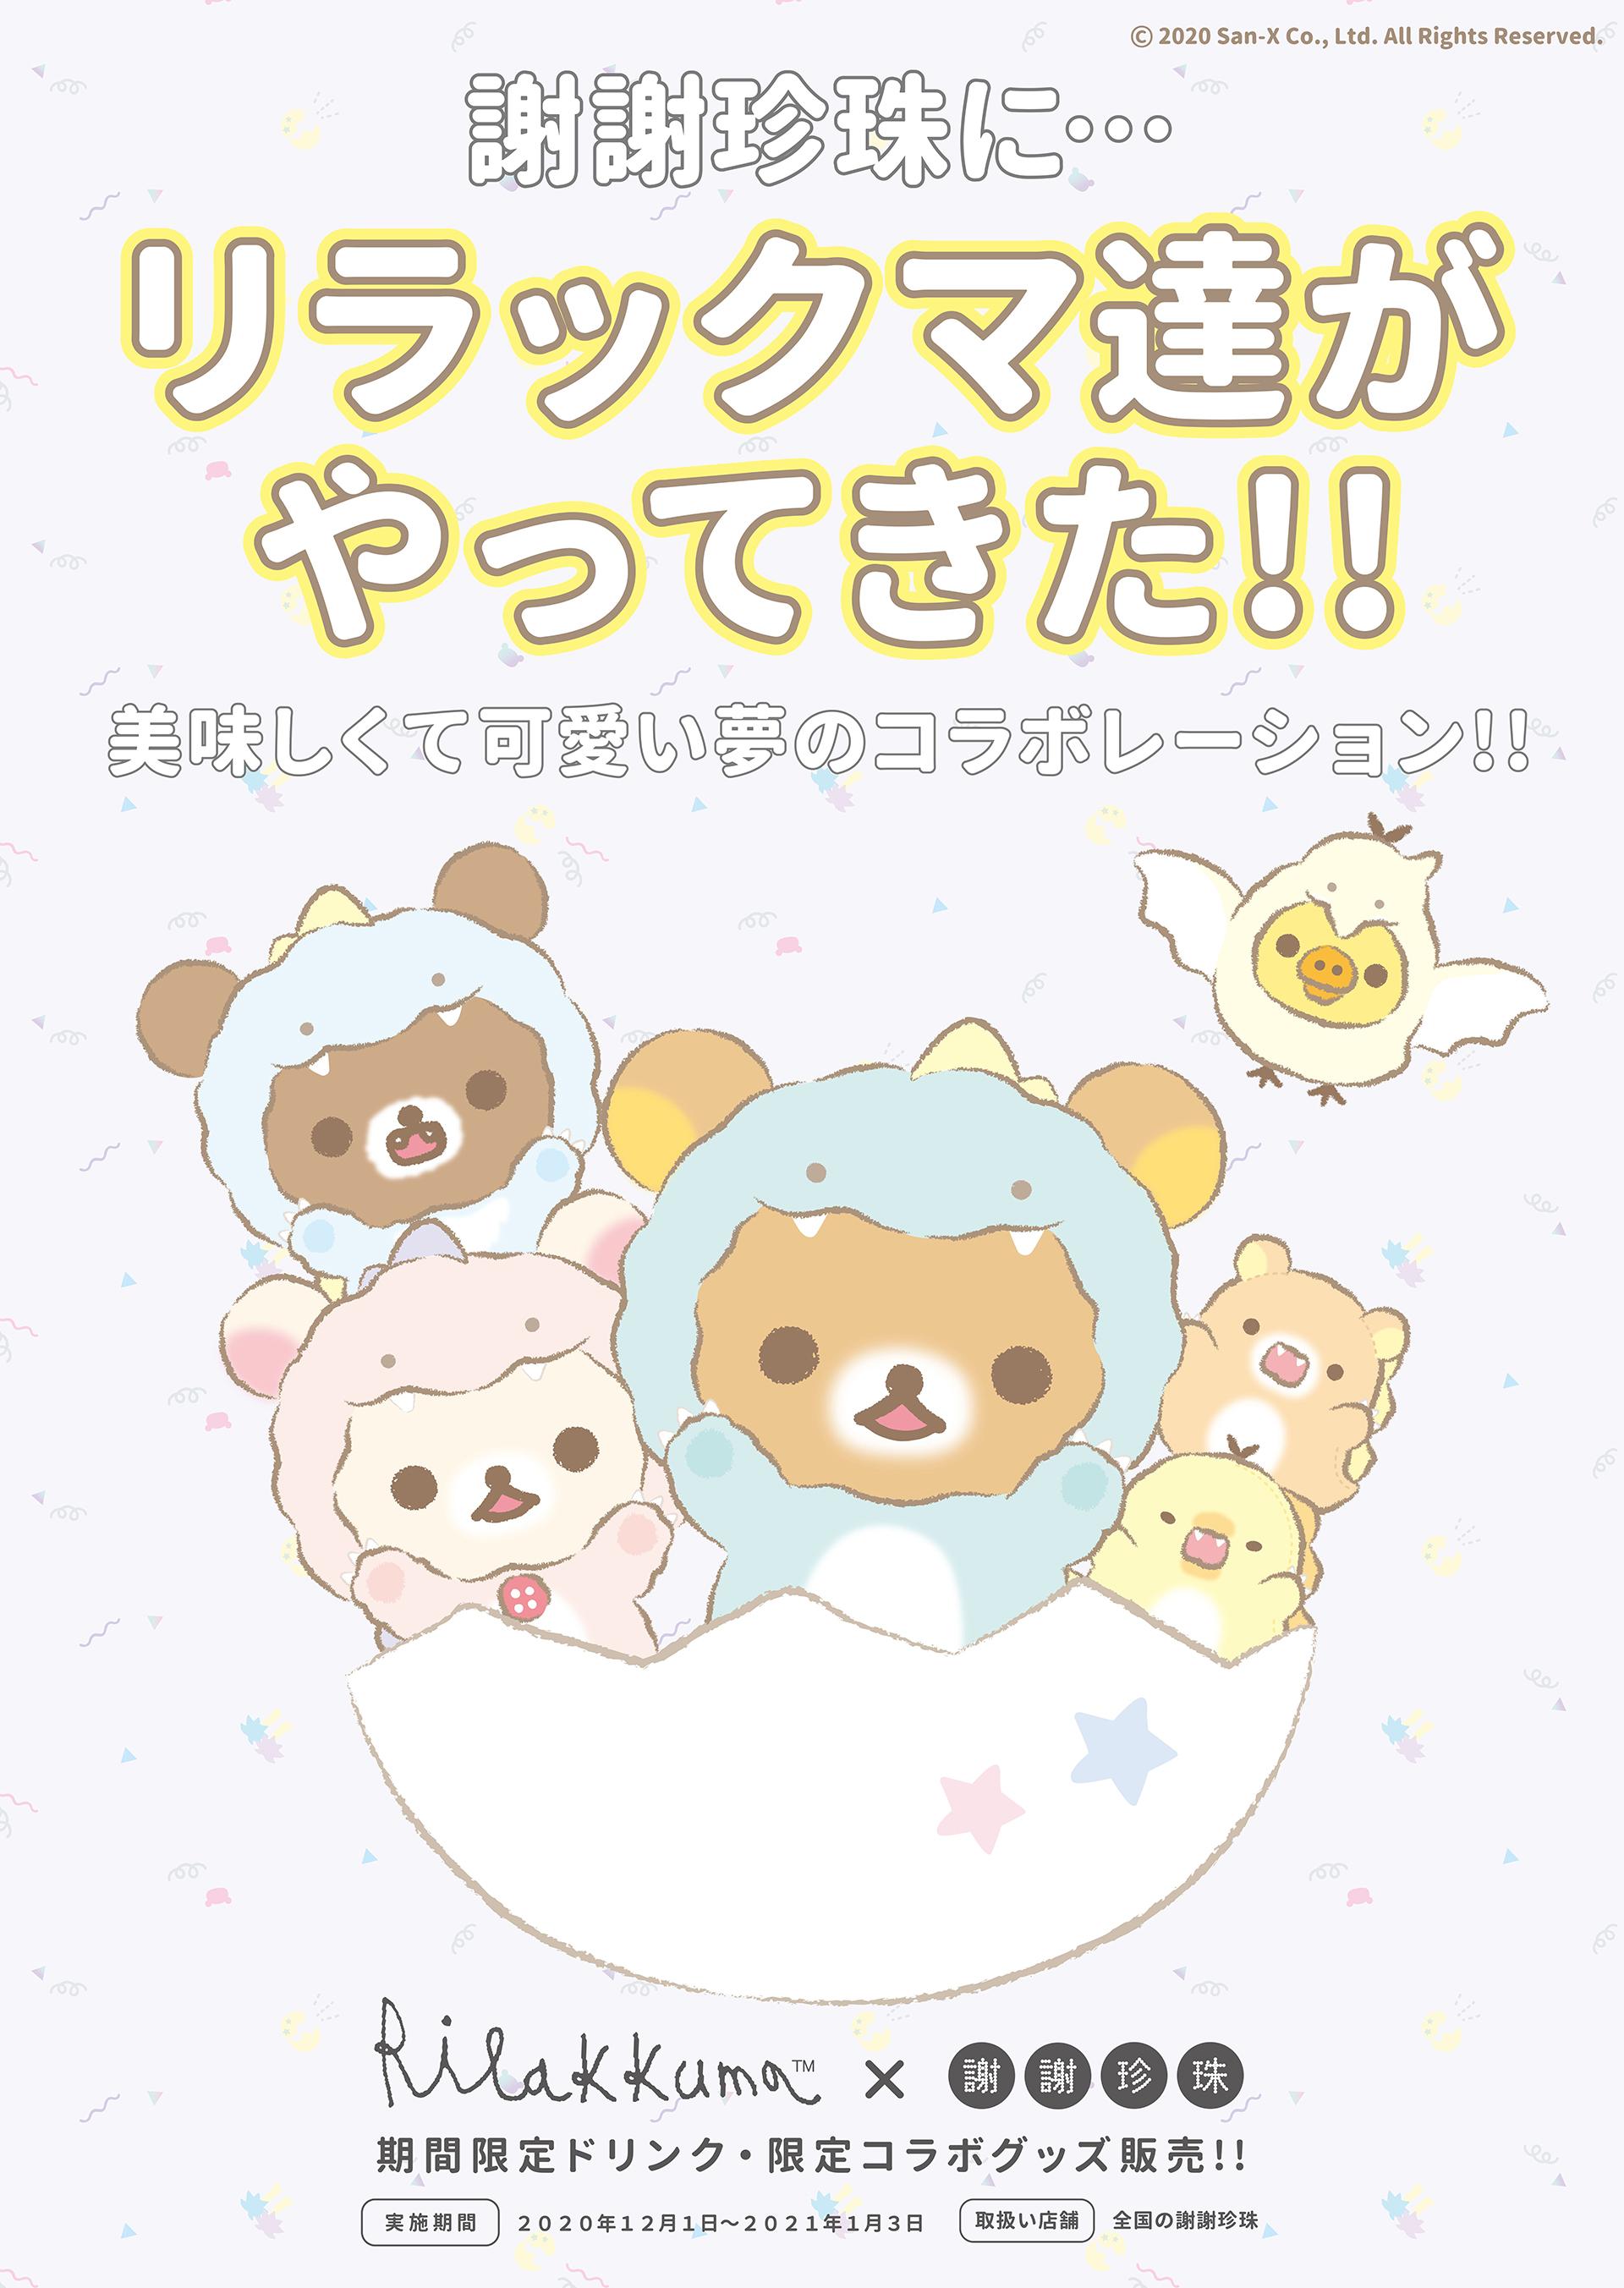 黒糖生タピオカ専門店『謝謝珍珠』×『リラックマ』夢のコラボレーション